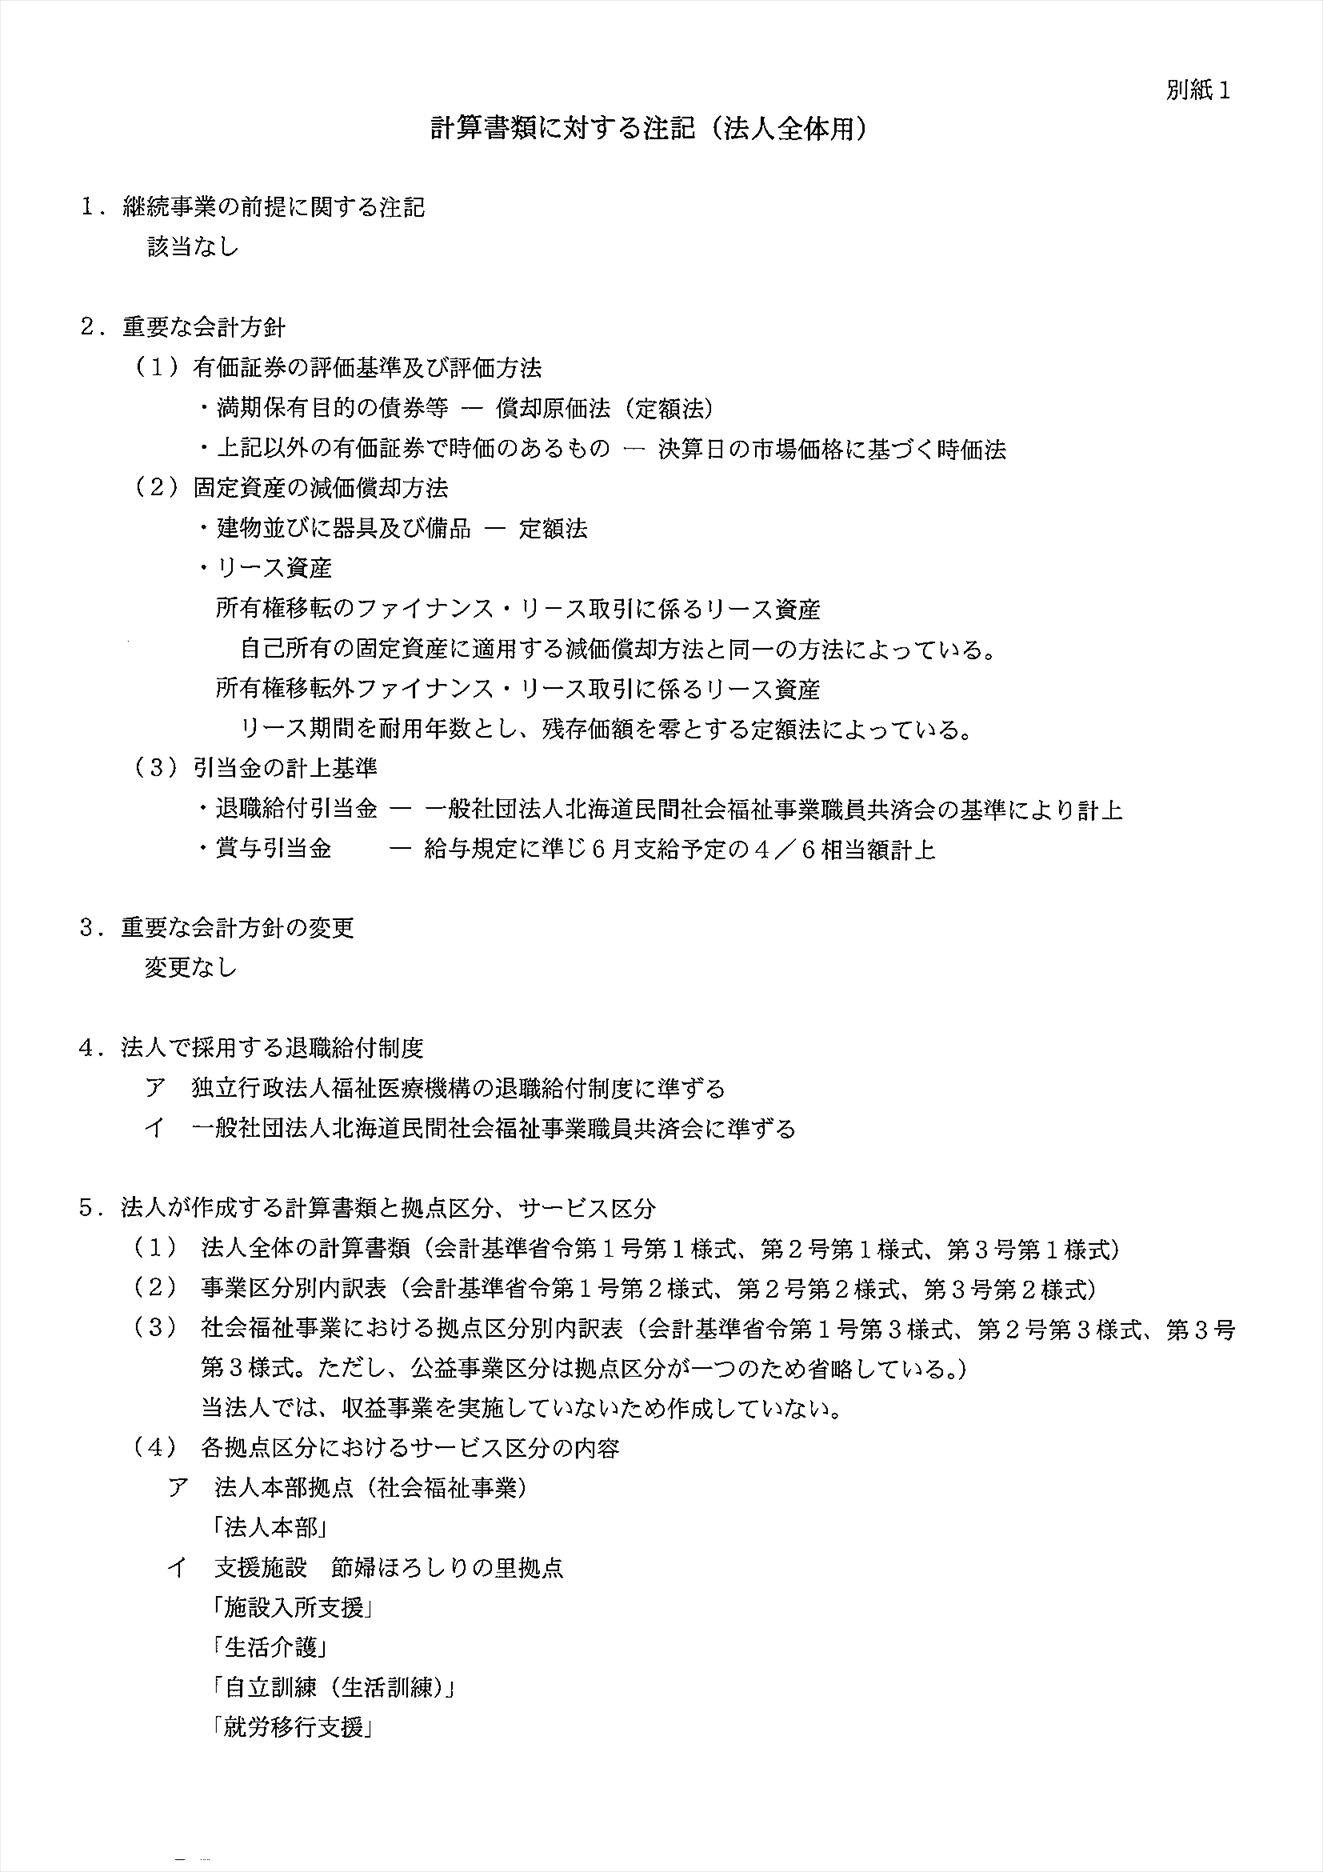 職員 社会 会 共済 福祉 事業 民間 北海道